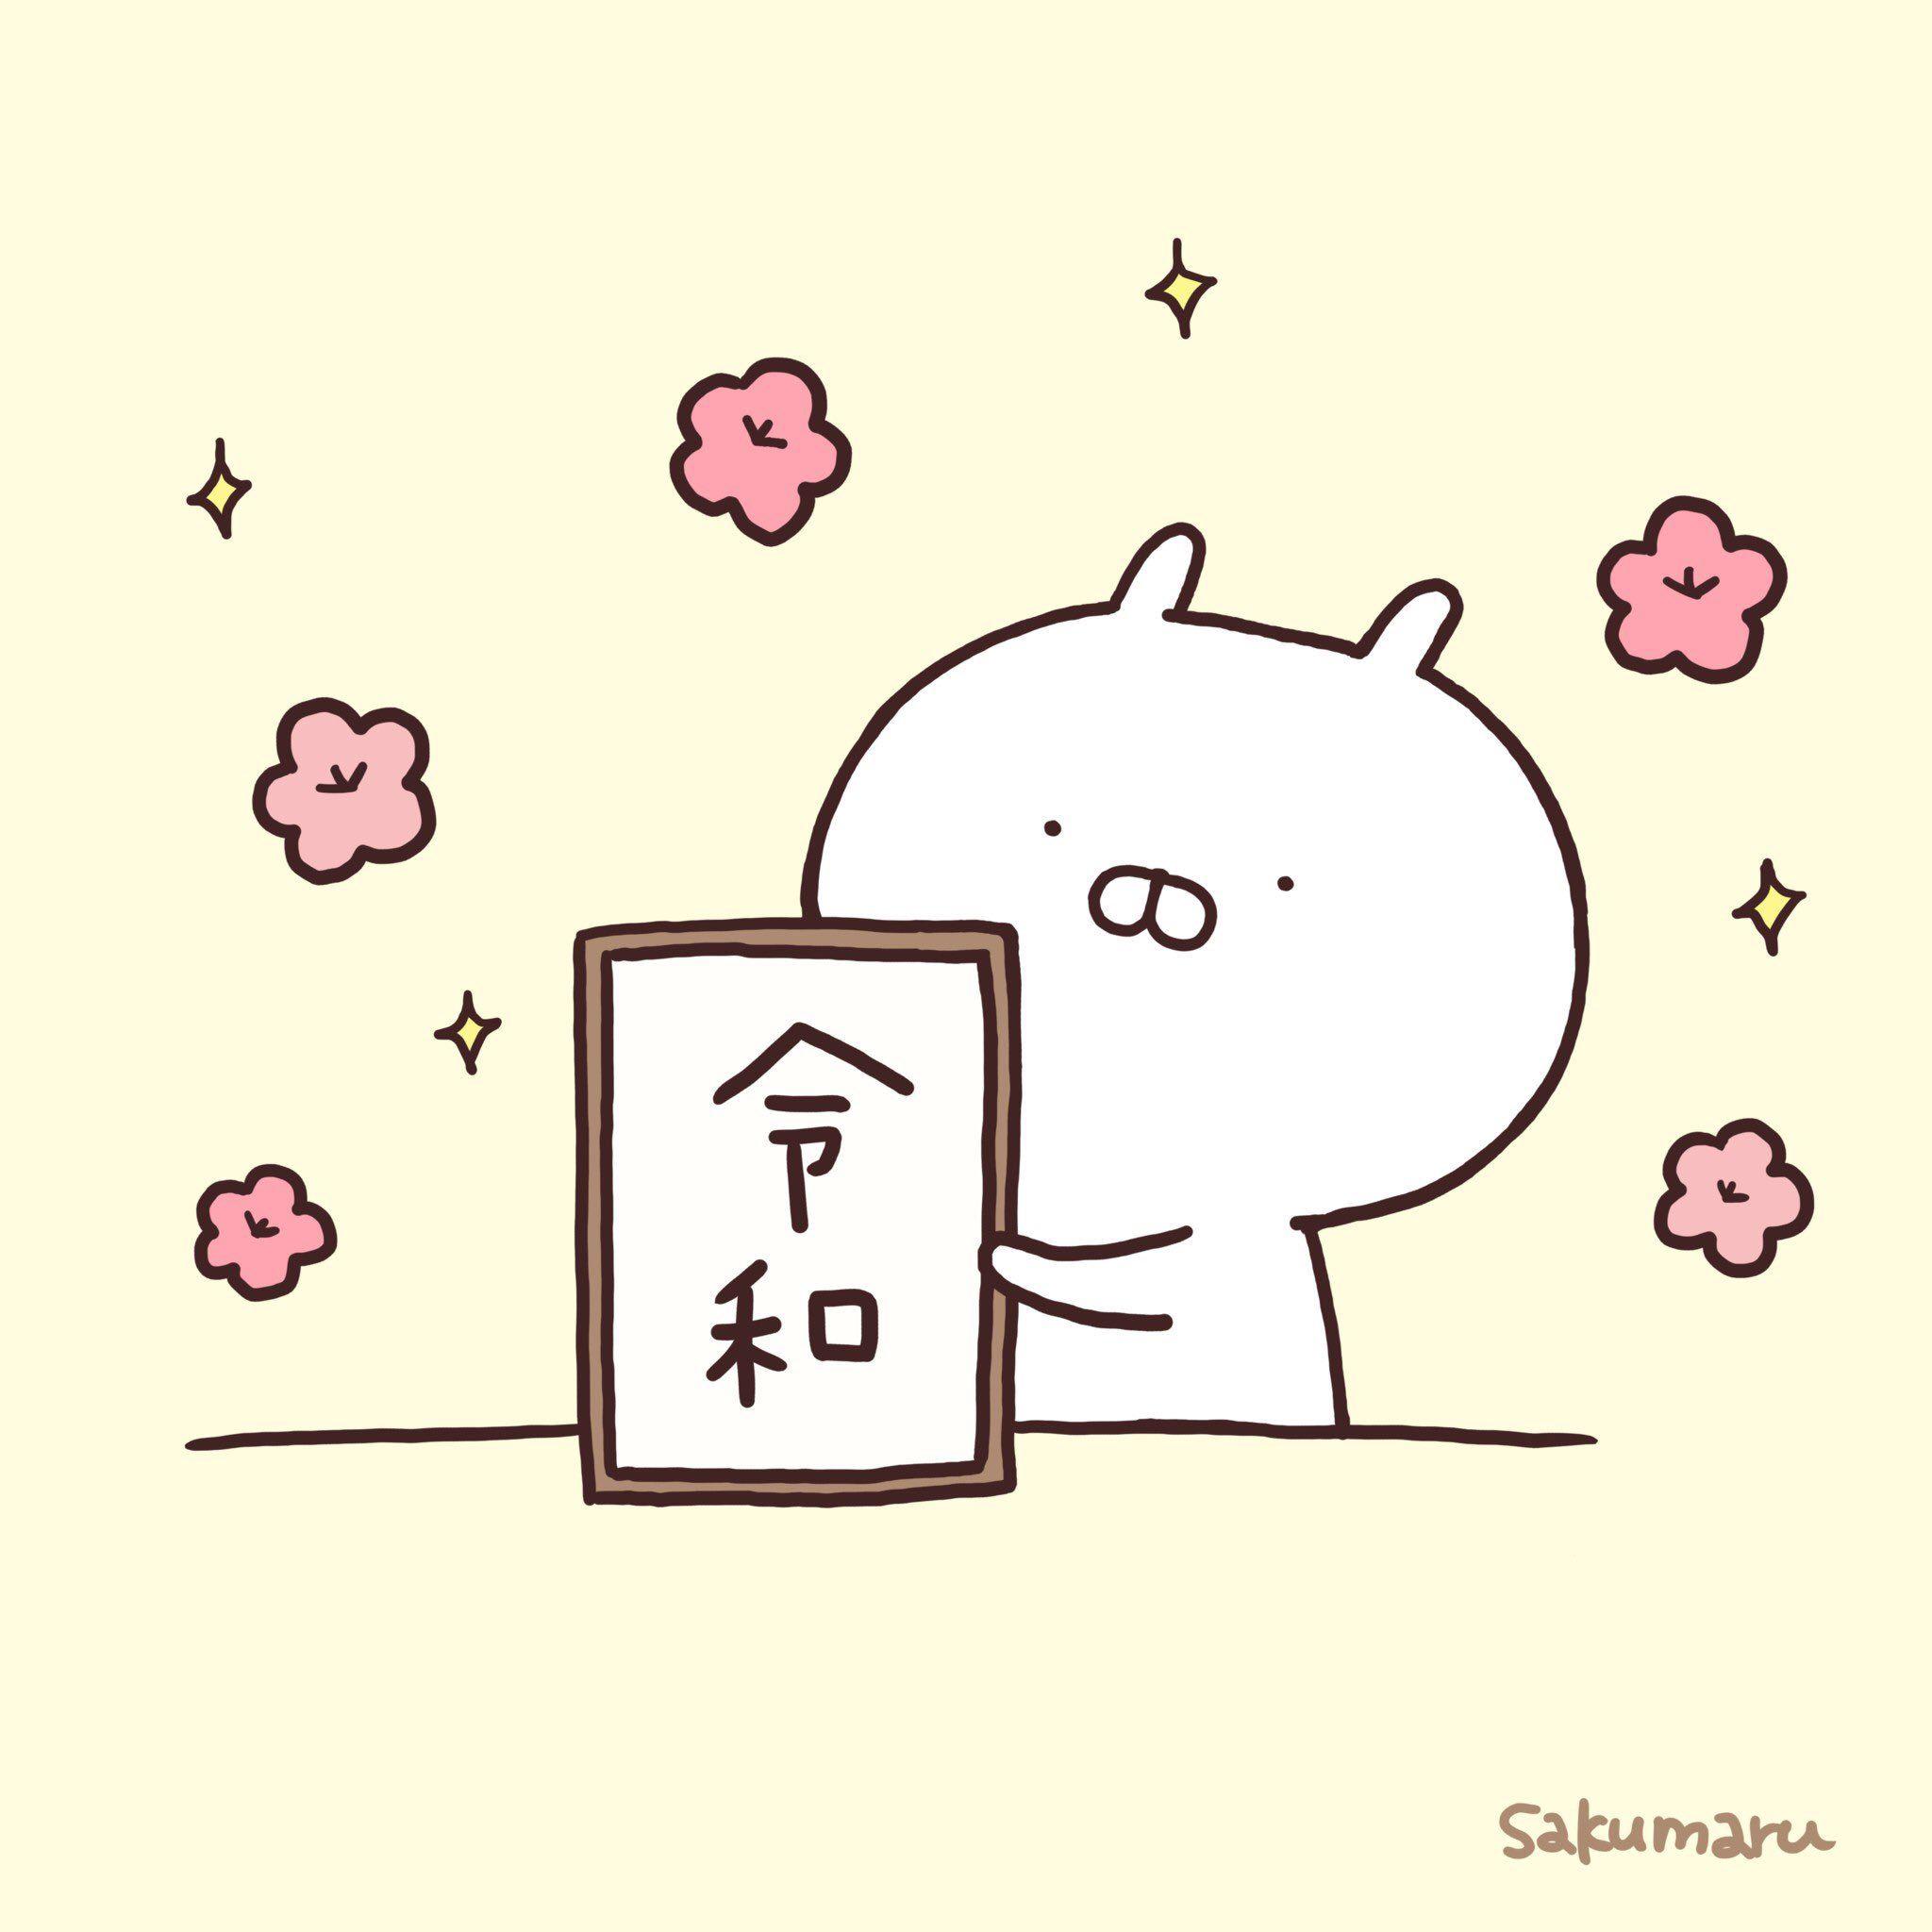 Sakumaru うさまるといっしょ Skmr 29 さん Twitter うさまる イラスト かわいい イラスト 手書き うさまる